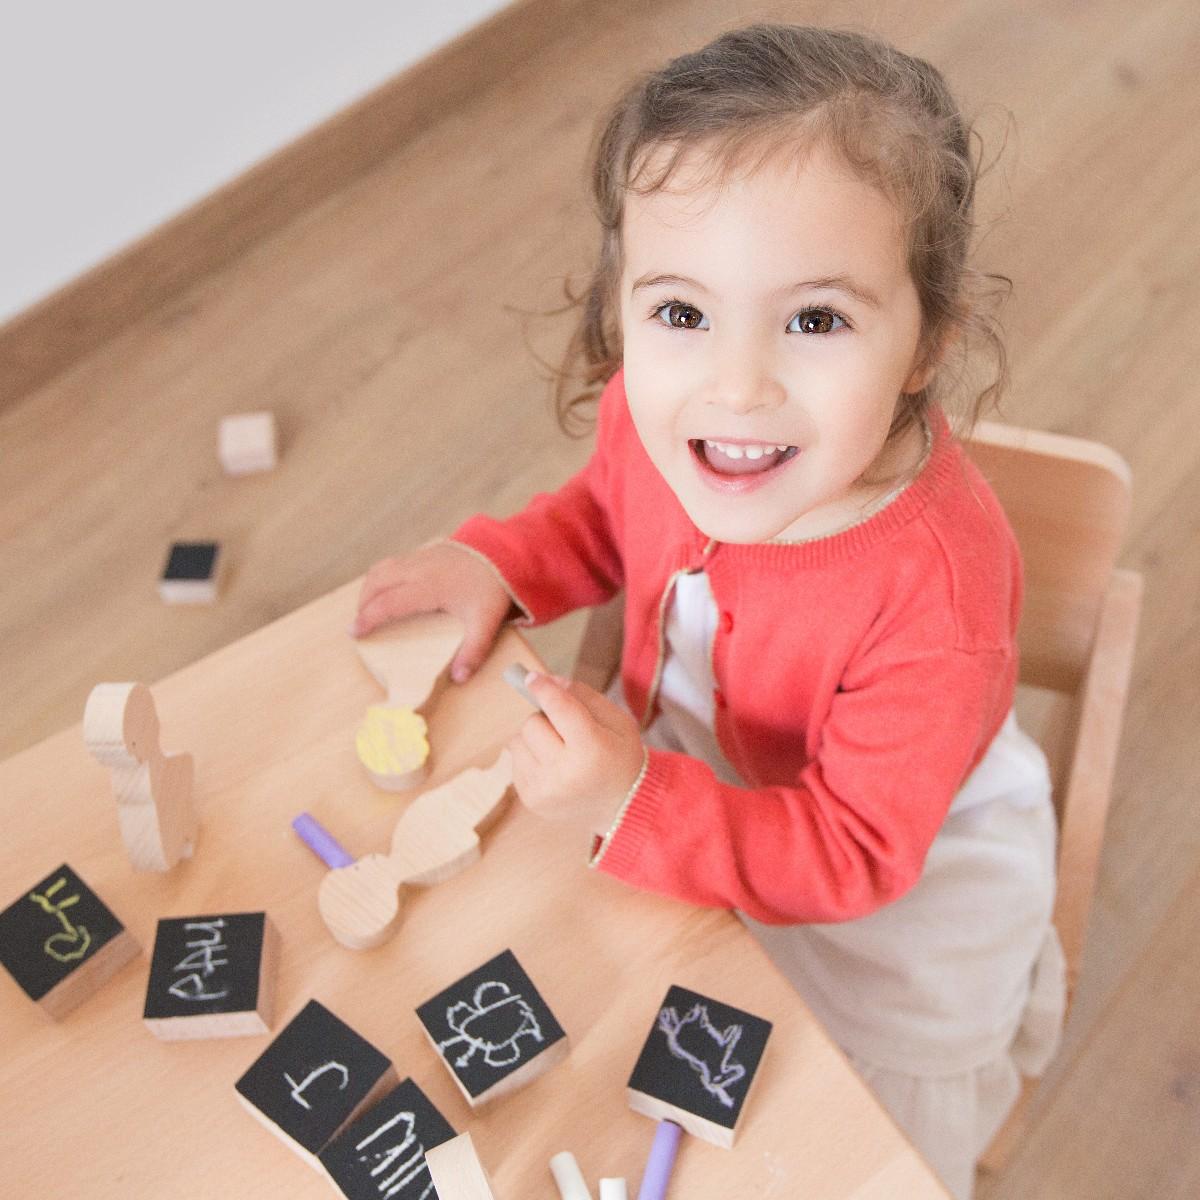 Enfant jouet cube ardoise